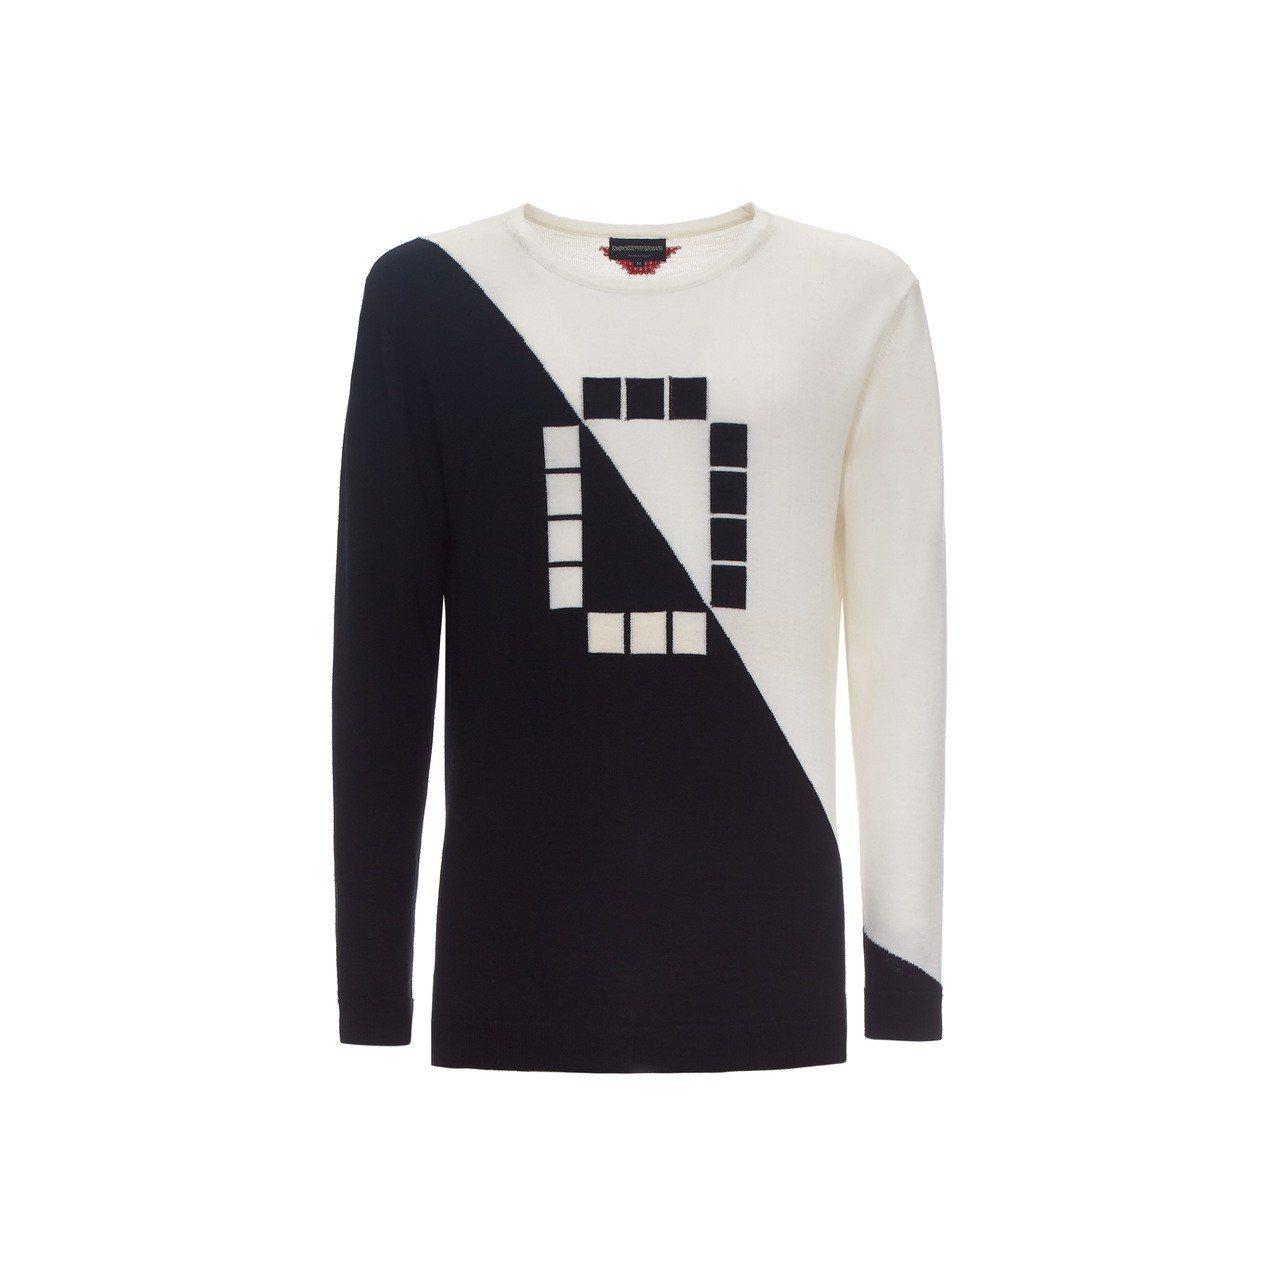 獨家數字系列0號撞色拼接毛衣,26,800元。圖/嘉裕西服提供